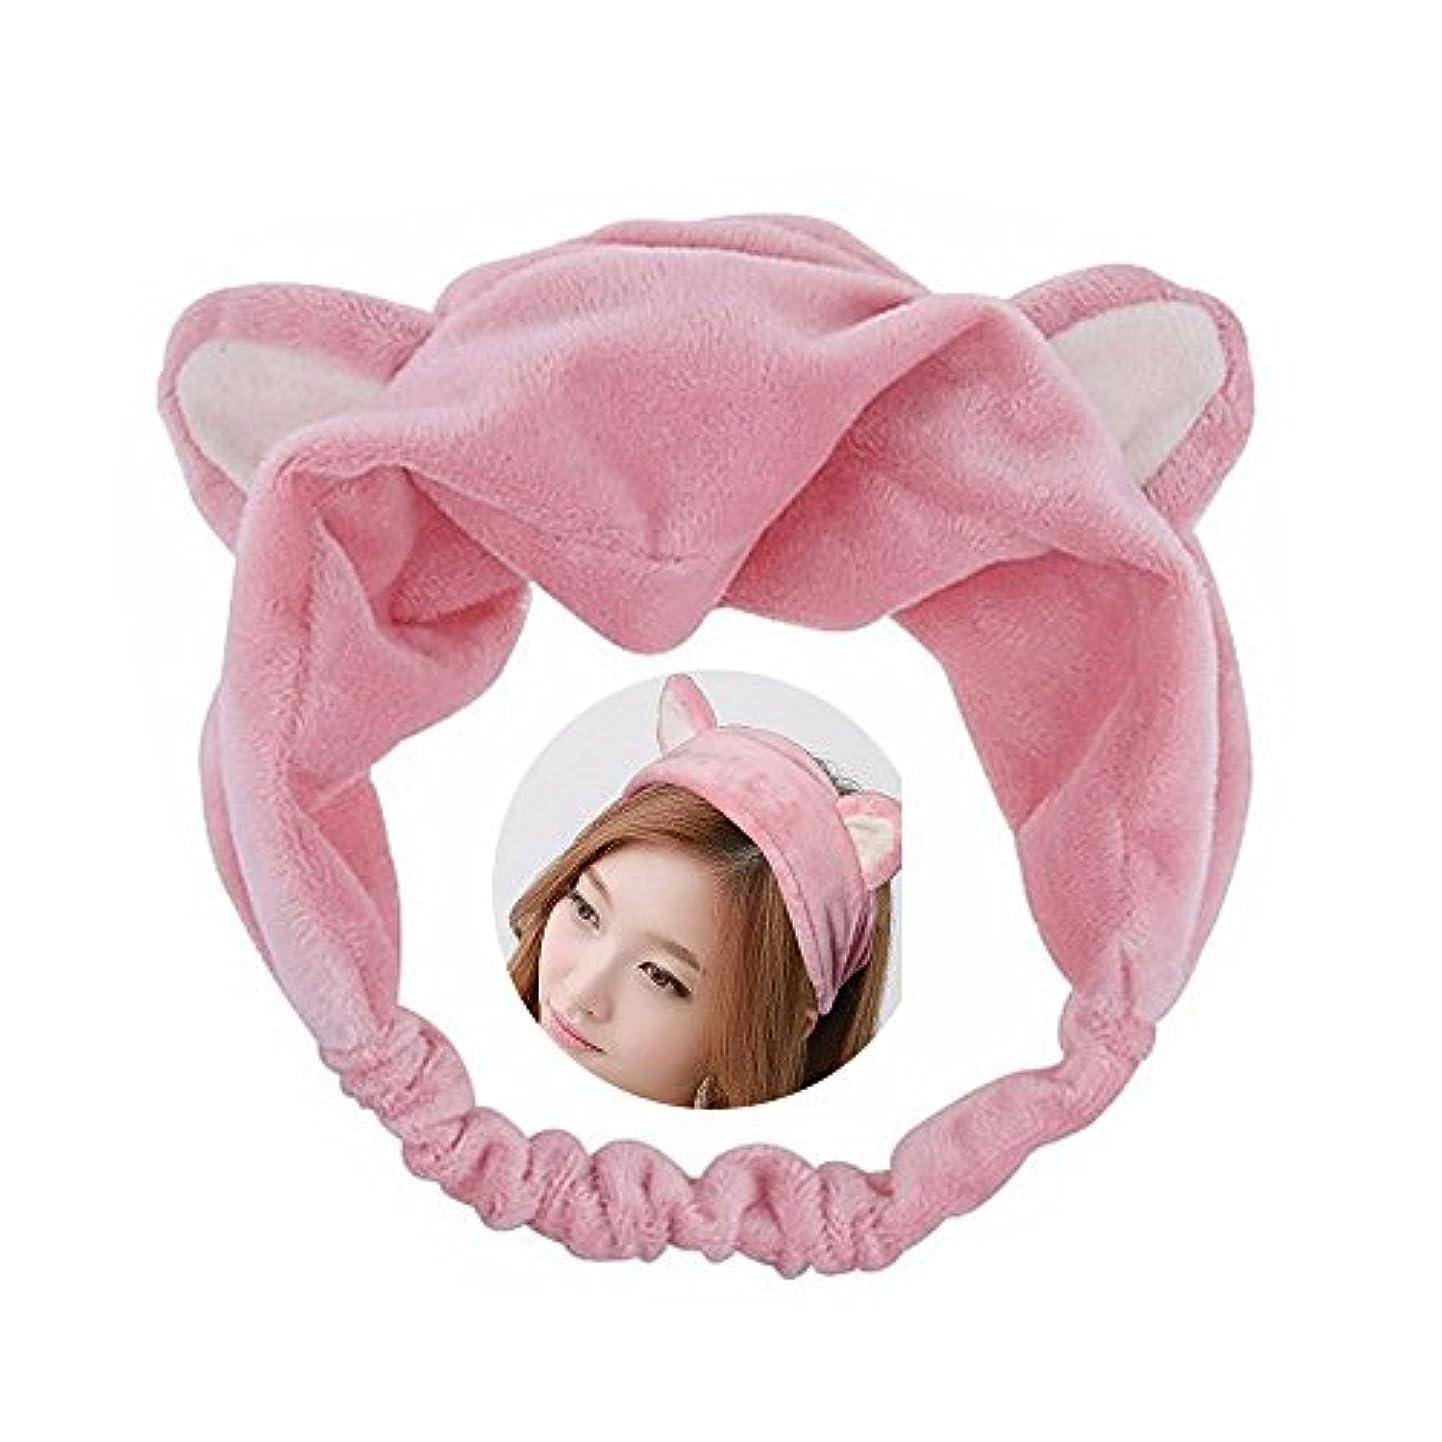 申し立てられた成功する検索エンジン最適化可愛い 猫 耳 ヘアバンド メイク アップ フェイス マスク スポーツ カチューシャ 髪型 ピンク